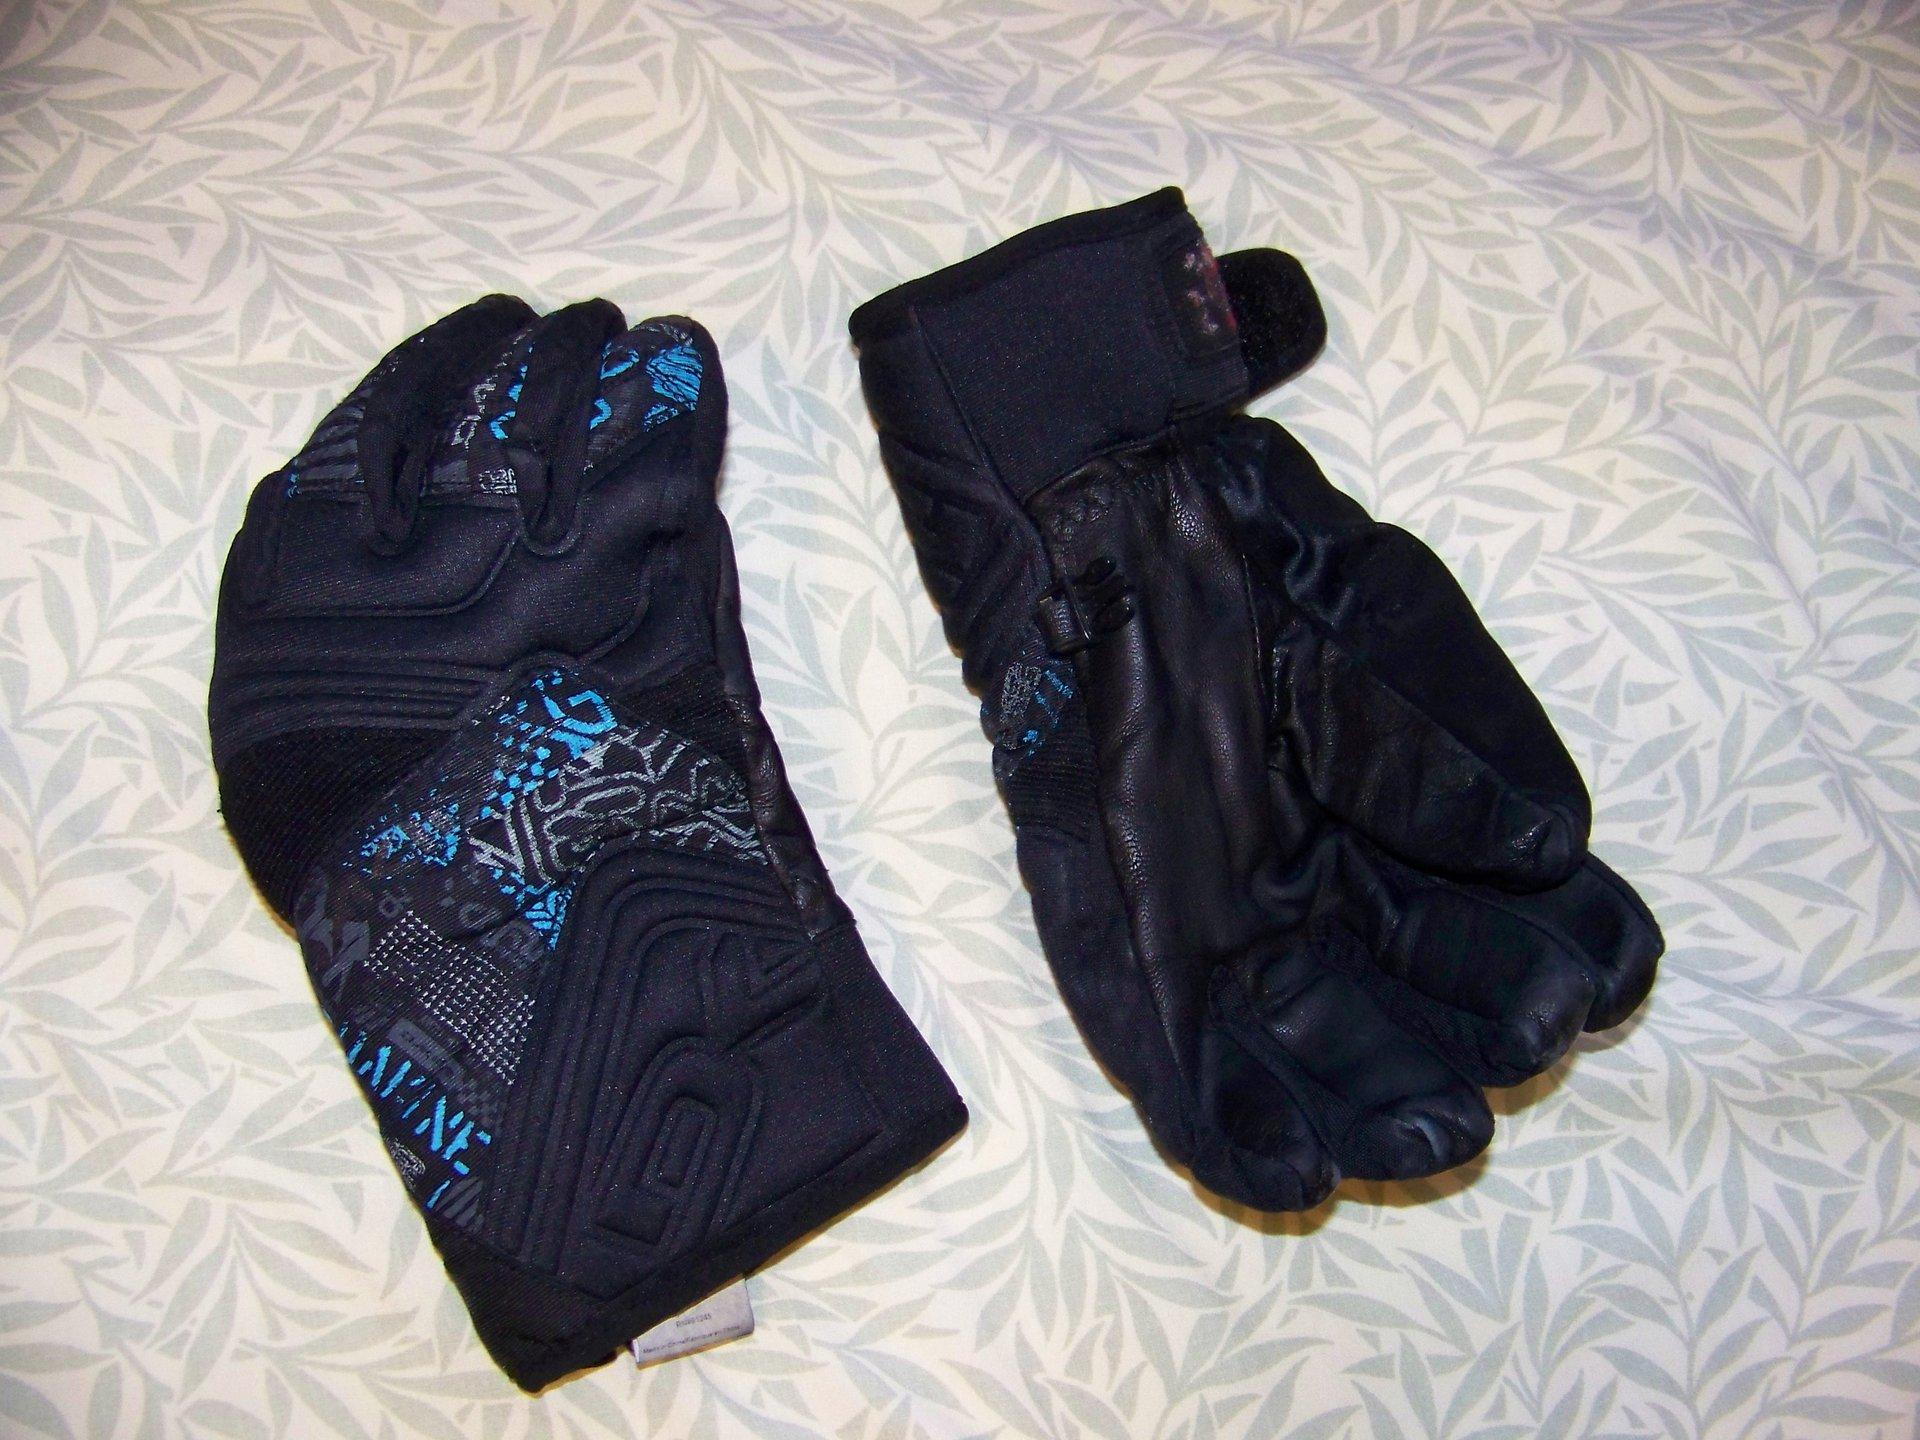 Fs: dakine gloves